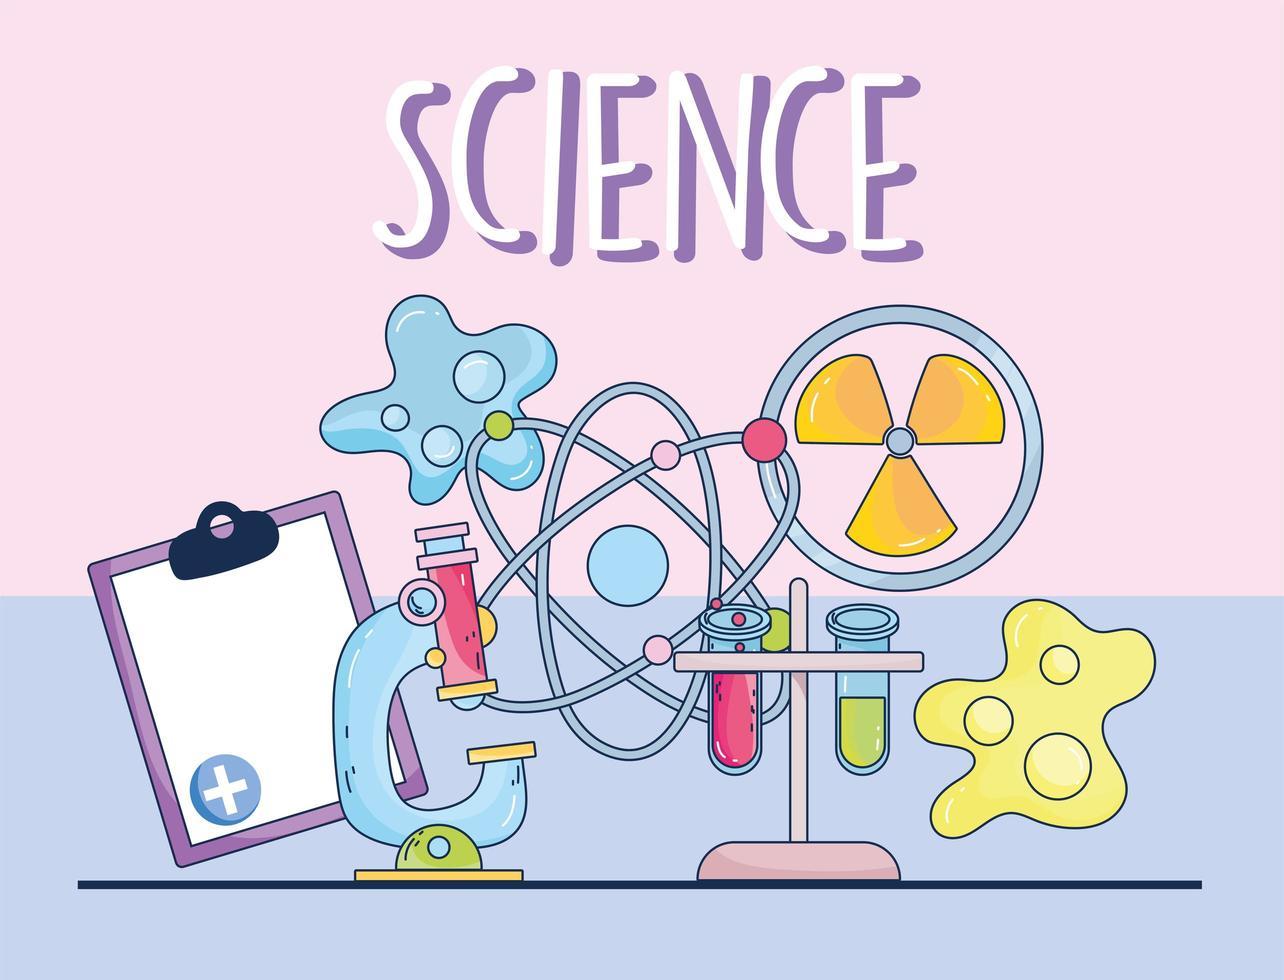 Wissenschaft Mikroskop Medizin Kernatom Molekül Zwischenablage und Bakterien vektor